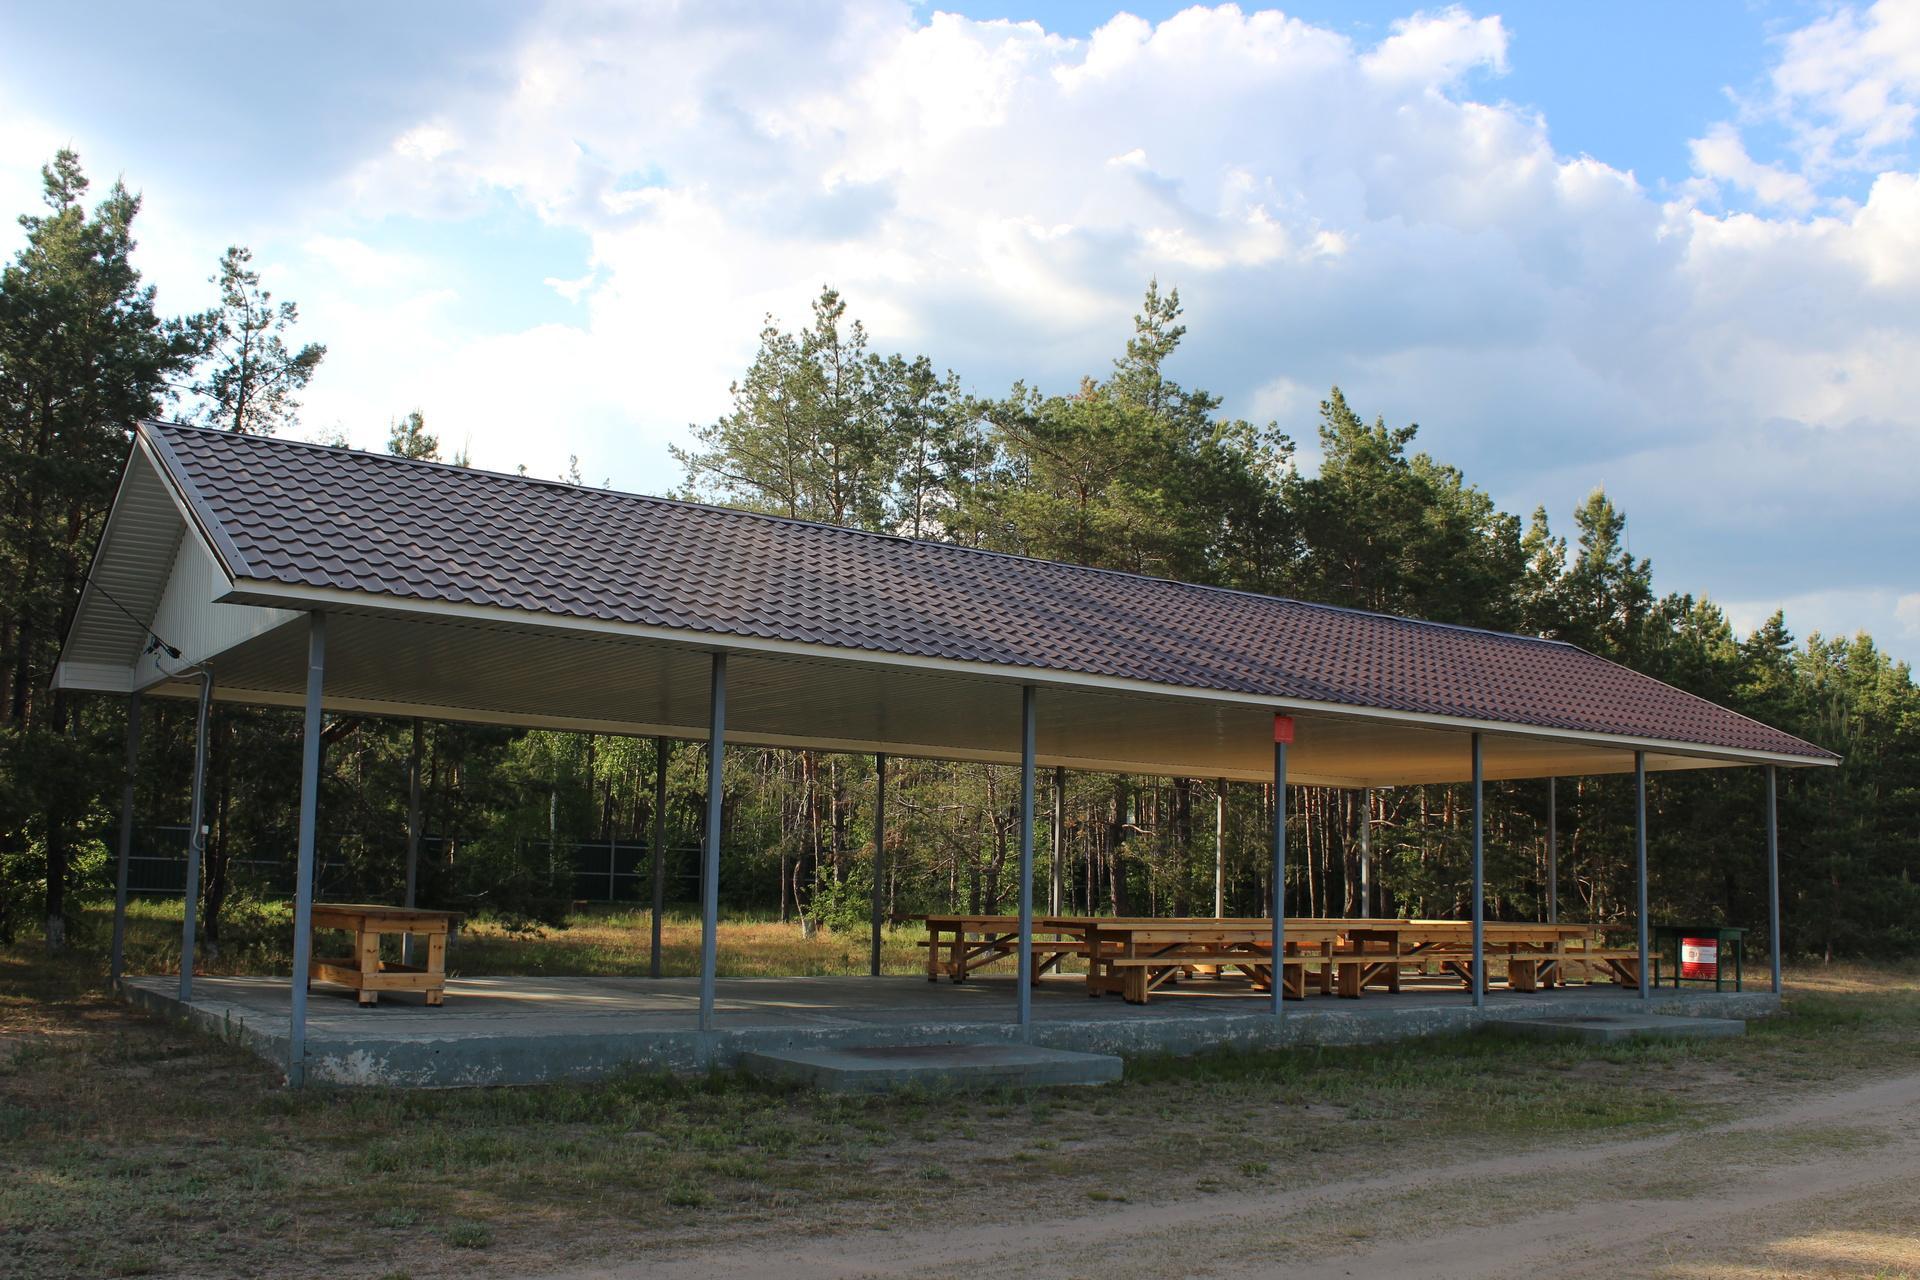 До 50 человек — большая крытая площадка с длинными столами и мангальной зоной